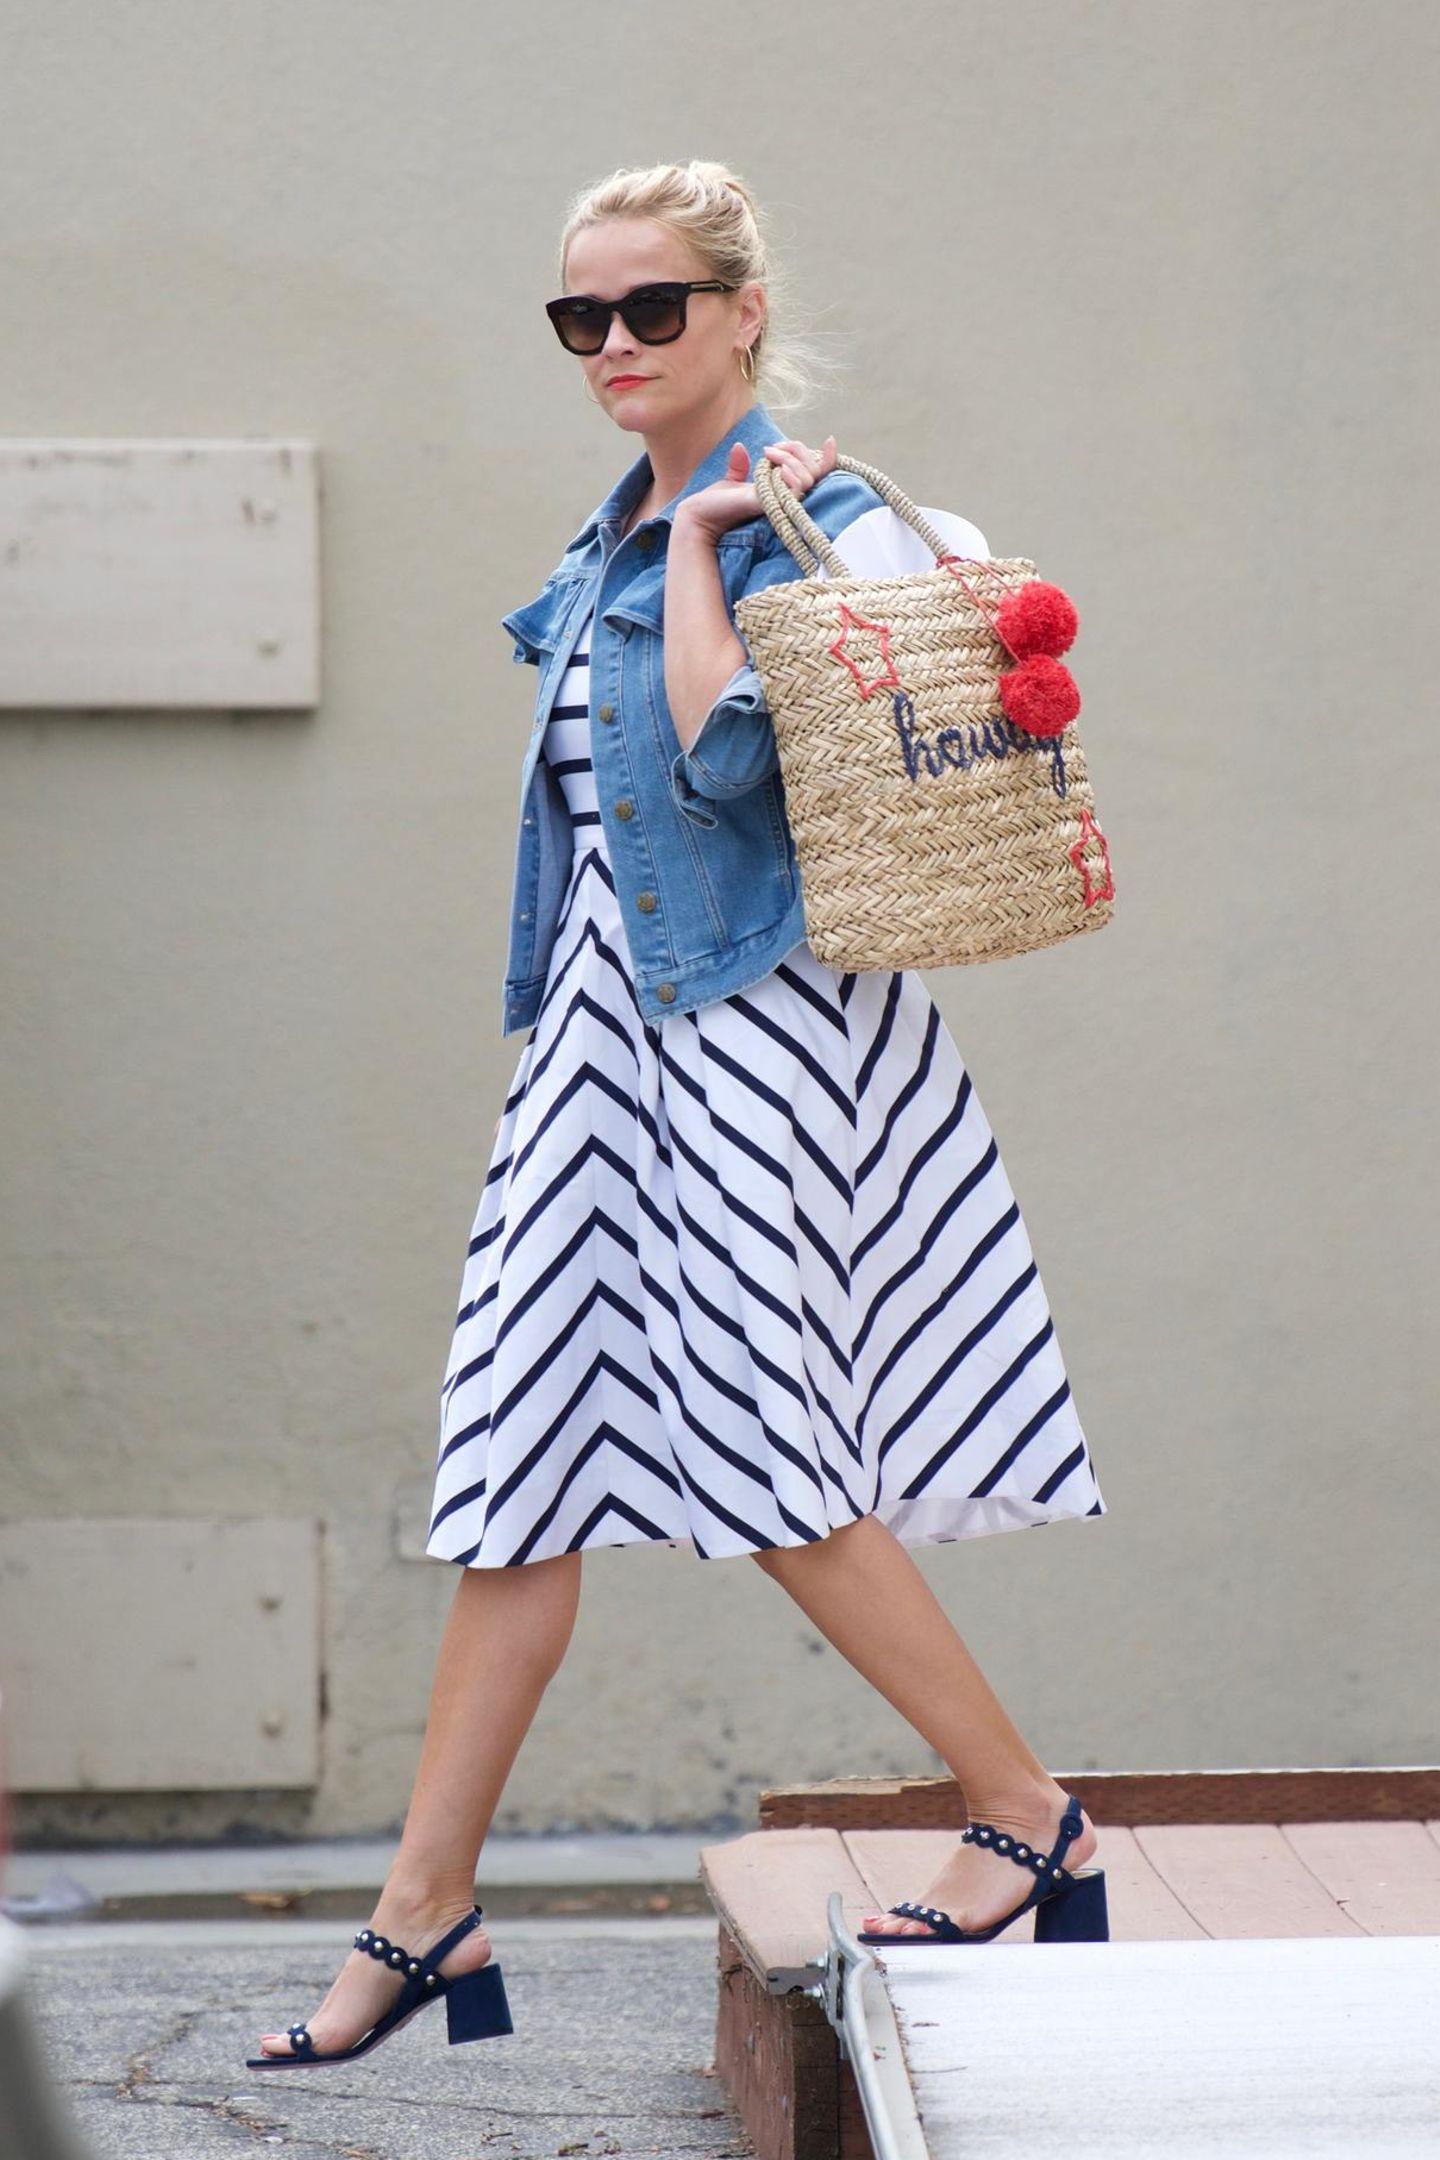 """Bei Reese Witherspoon schreit nicht nur die Strandtasche """"Howdy, Sommer"""". Ihr ganzer Look passt zur warmen Jahreszeit. Und sollte es im Schatten doch kühler sein, streift sie einfach ihre Jeansjacke über."""